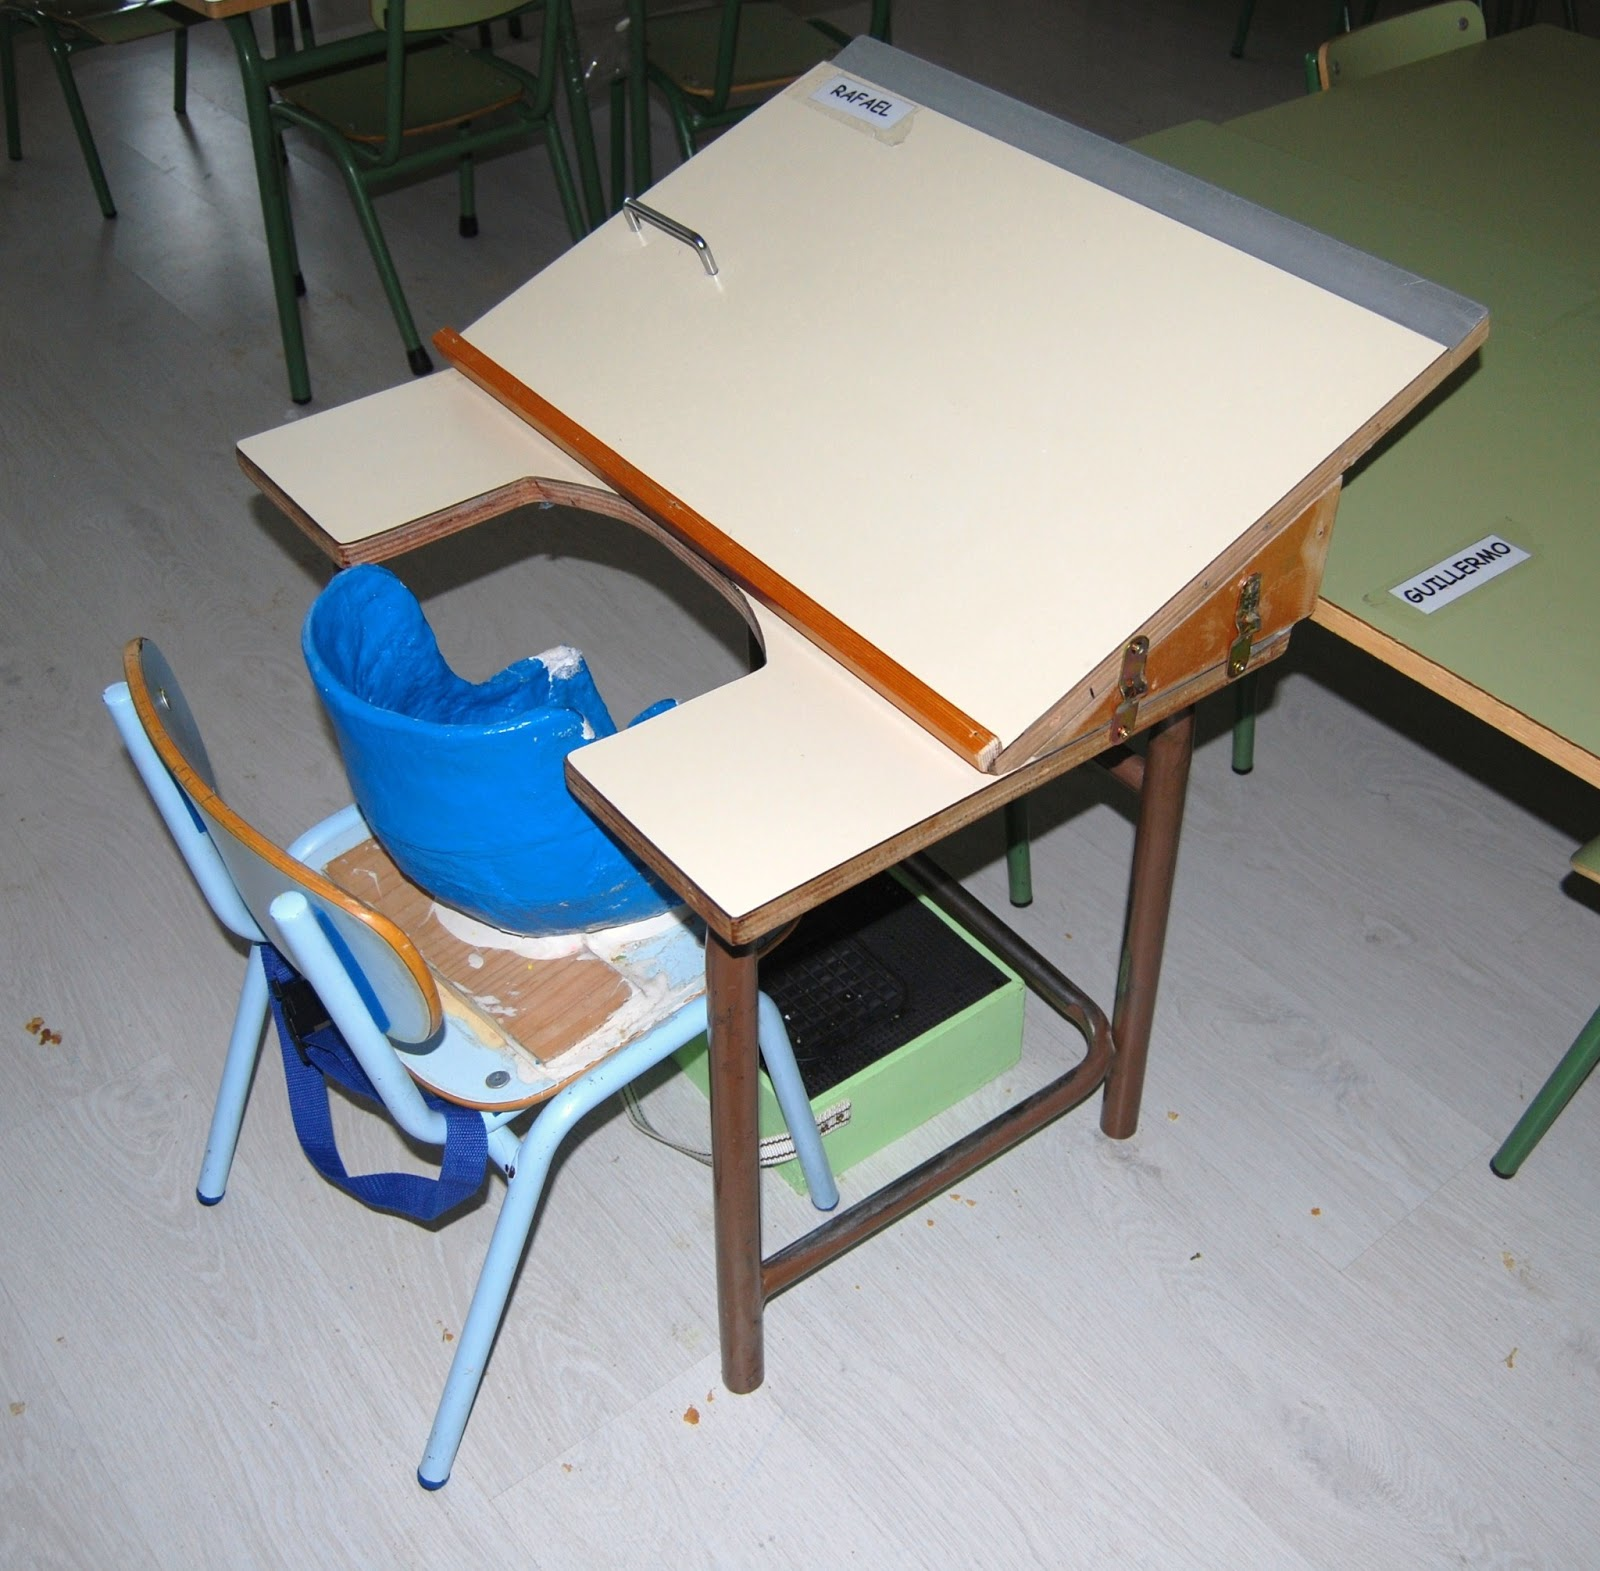 El ba l de a l mobiliario de aula para ni s con for Agora mobiliario s l